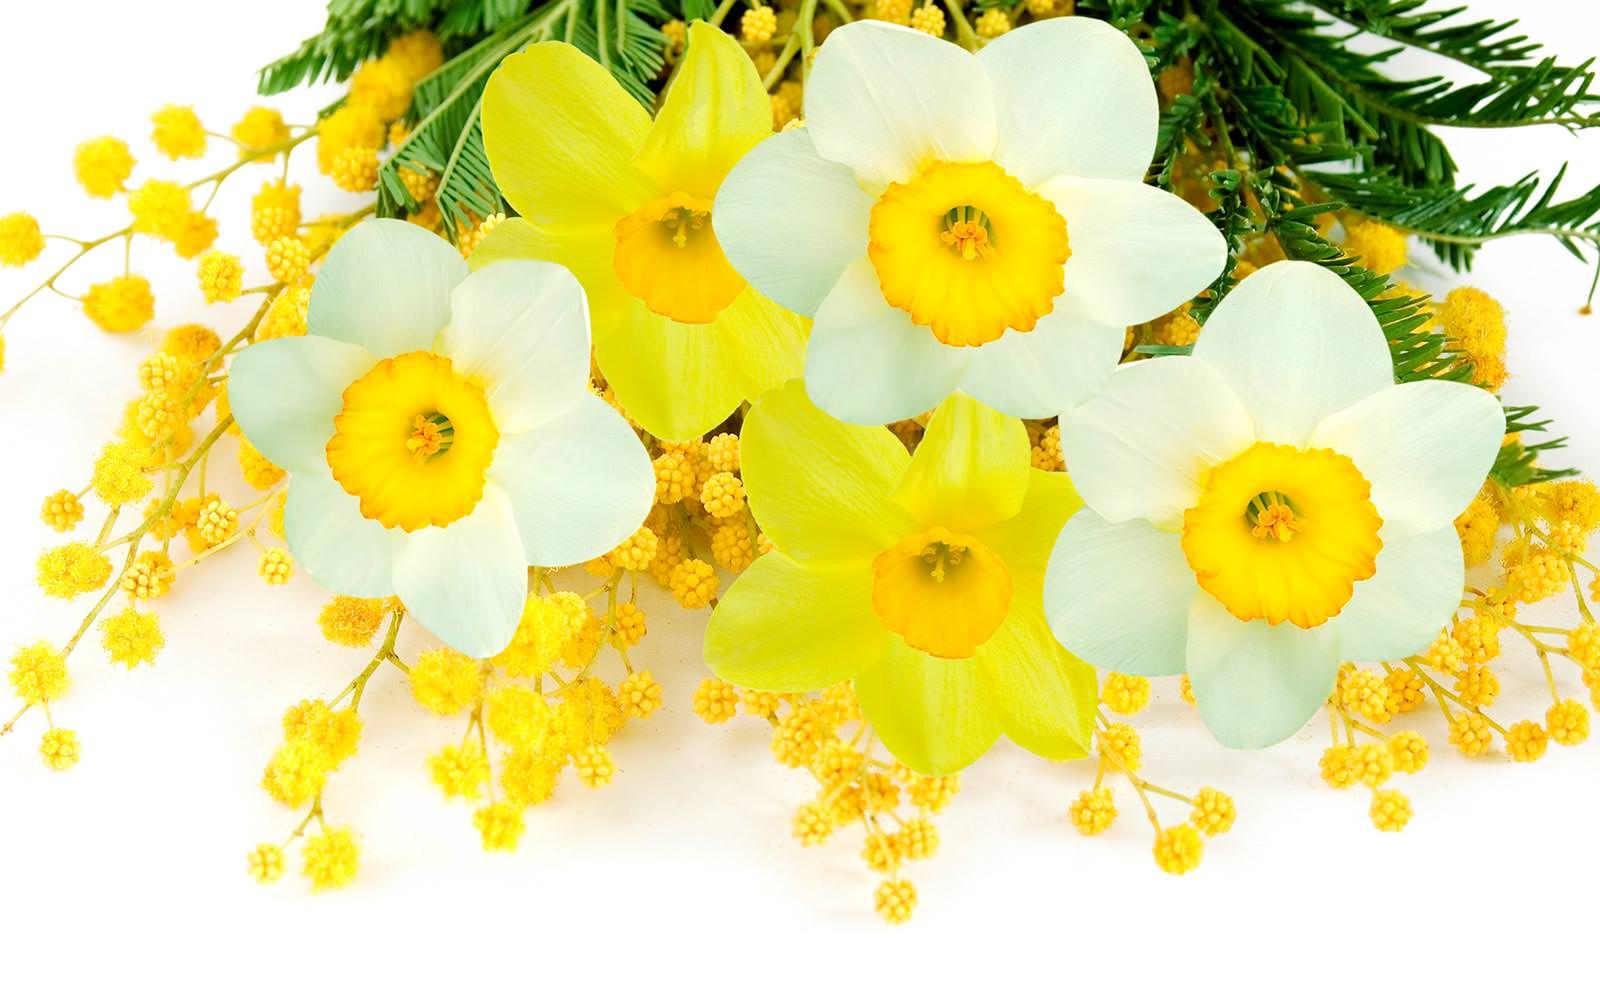 Фотообои с жёлтыми цветами